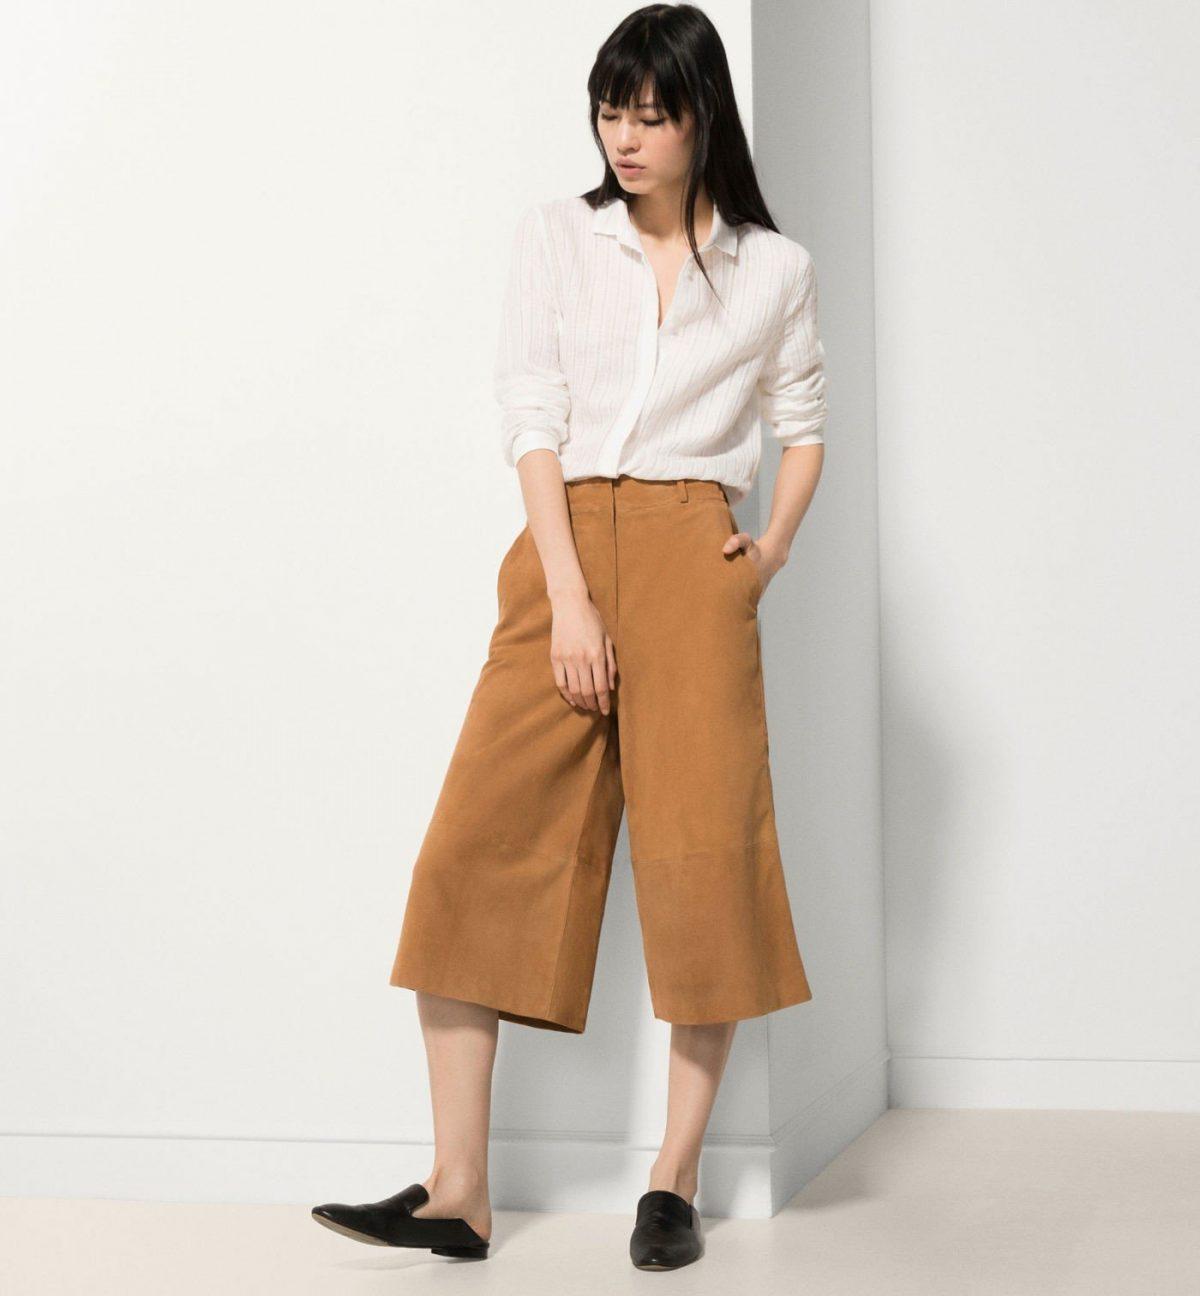 брюки-кюлоты горчичного цвета и белая рубашка